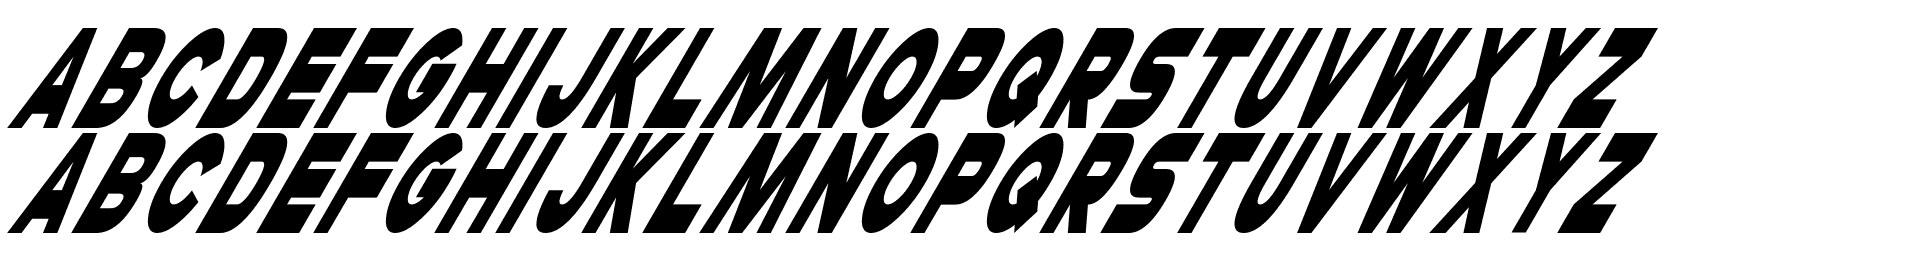 Cheerio Old Chap Italic